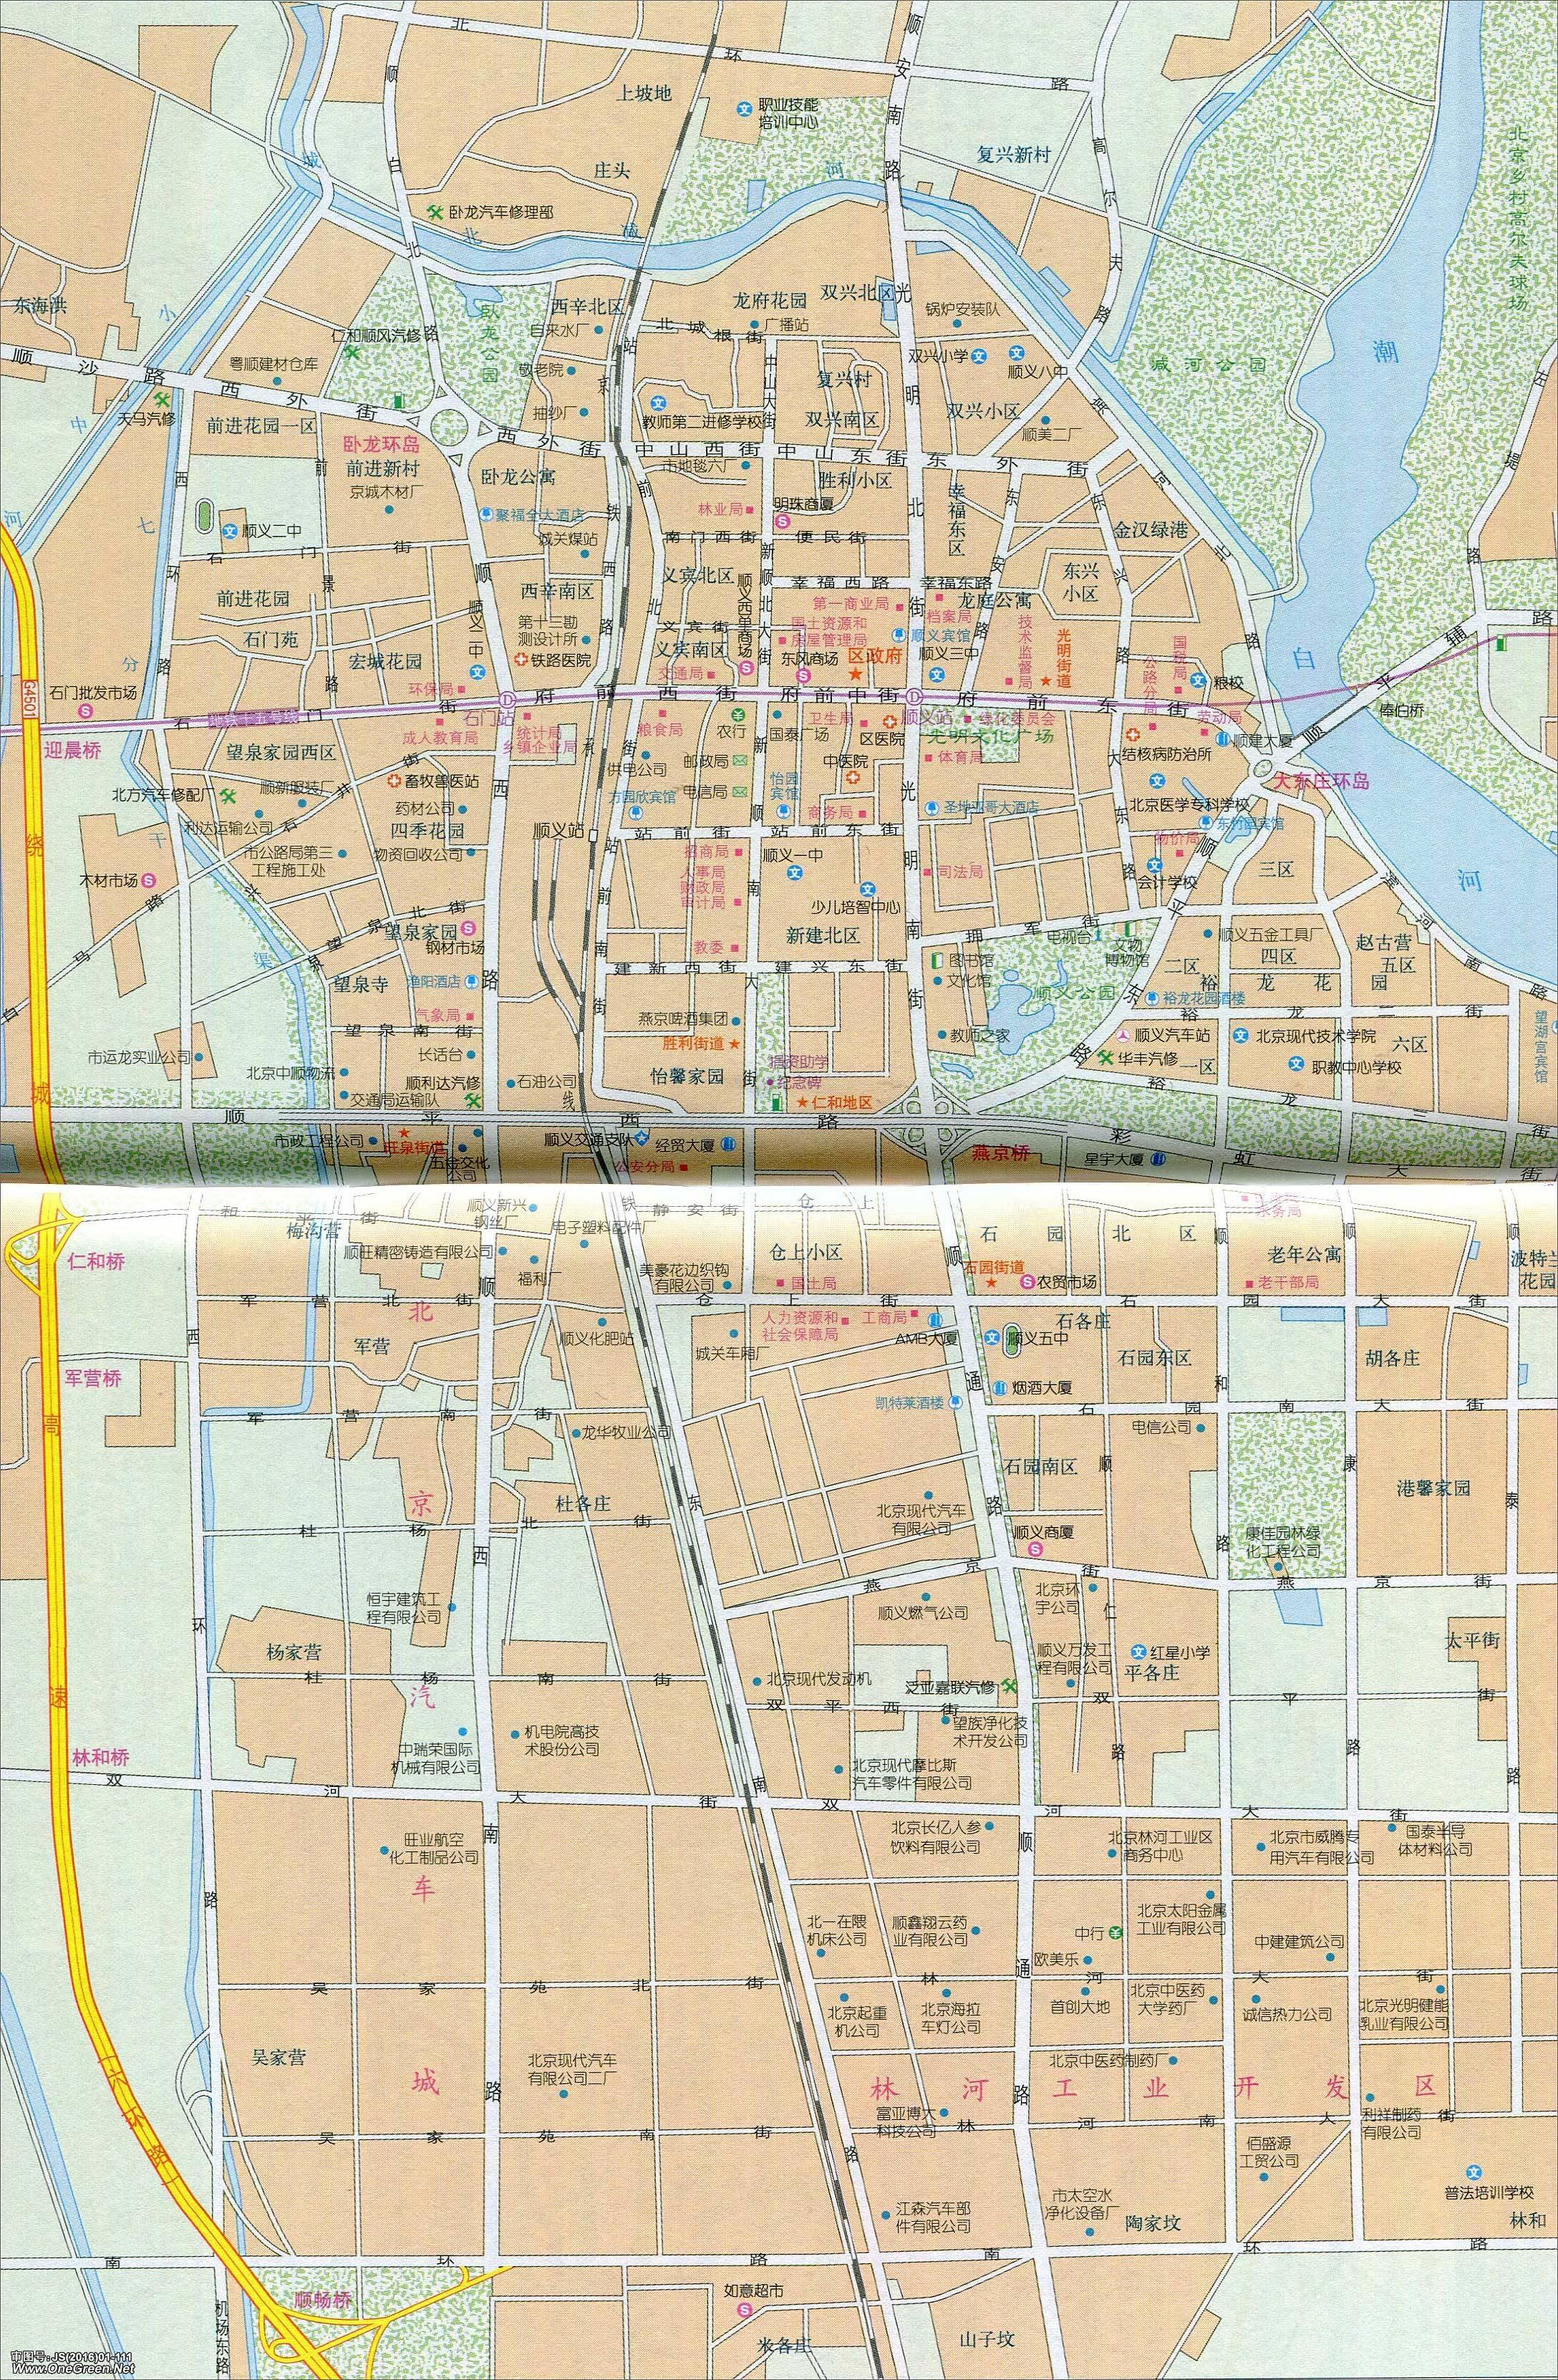 北京市顺义新城地图高清版